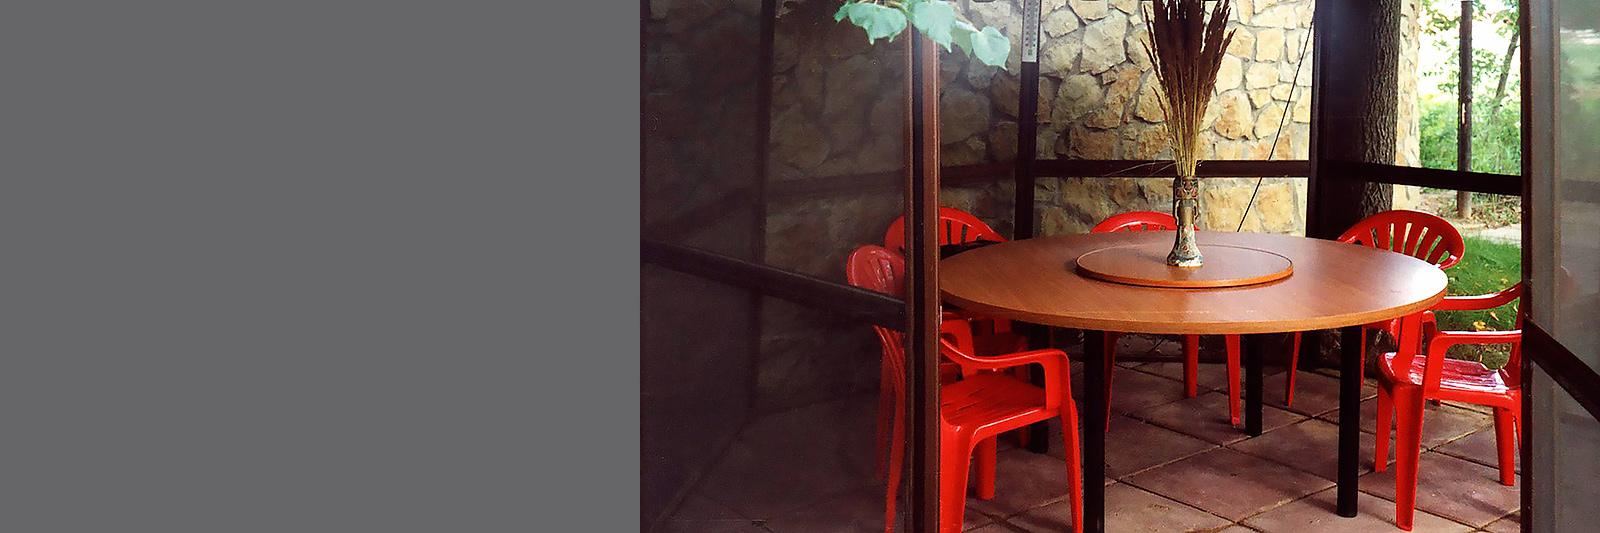 Круглый стол для кафе на заказ